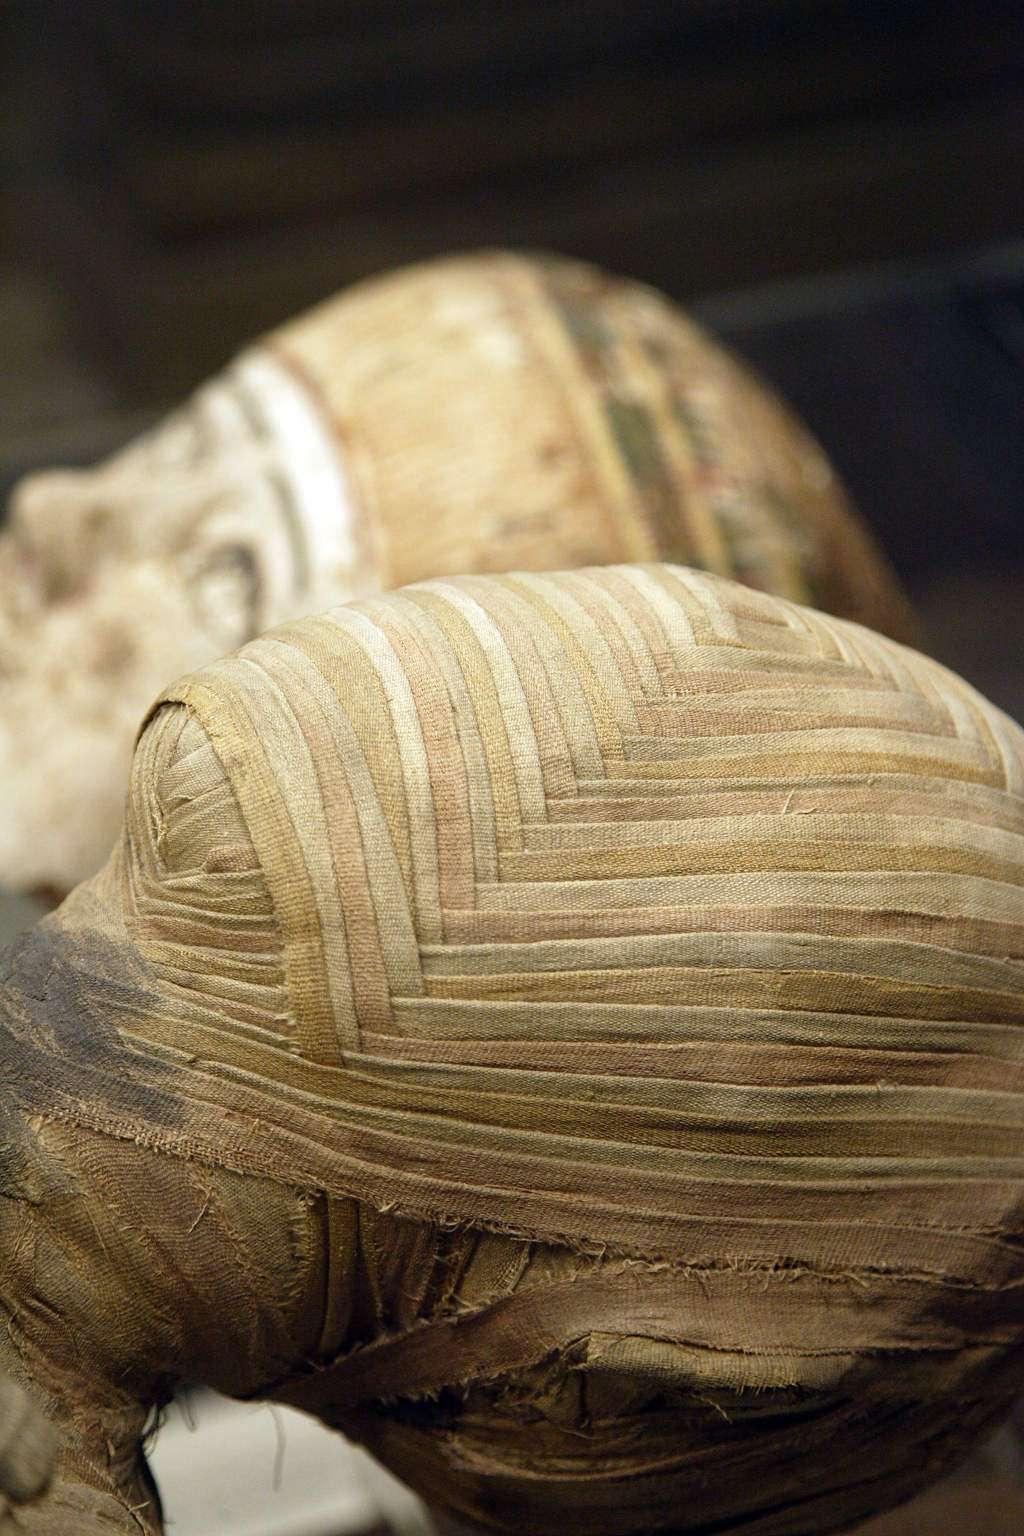 Les préhistoriens spécialisés dans l'étude des pathologies préhistoriques, les paléoanthropologues, observent de près les restes osseux et les rares momies découvertes. Ils ont pu découvrir diverses pathologies affectant les os et dans certains cas découvrir des interventions humaines destinées à soigner la personne. Ces dernières années, l'usage d'un matériel sophistiqué (radiologie, IRM, etc.) ou de techniques nouvelles (études ADN) permet de remarquables avancées dans les connaissances. © Netfalls, shutterstock.com